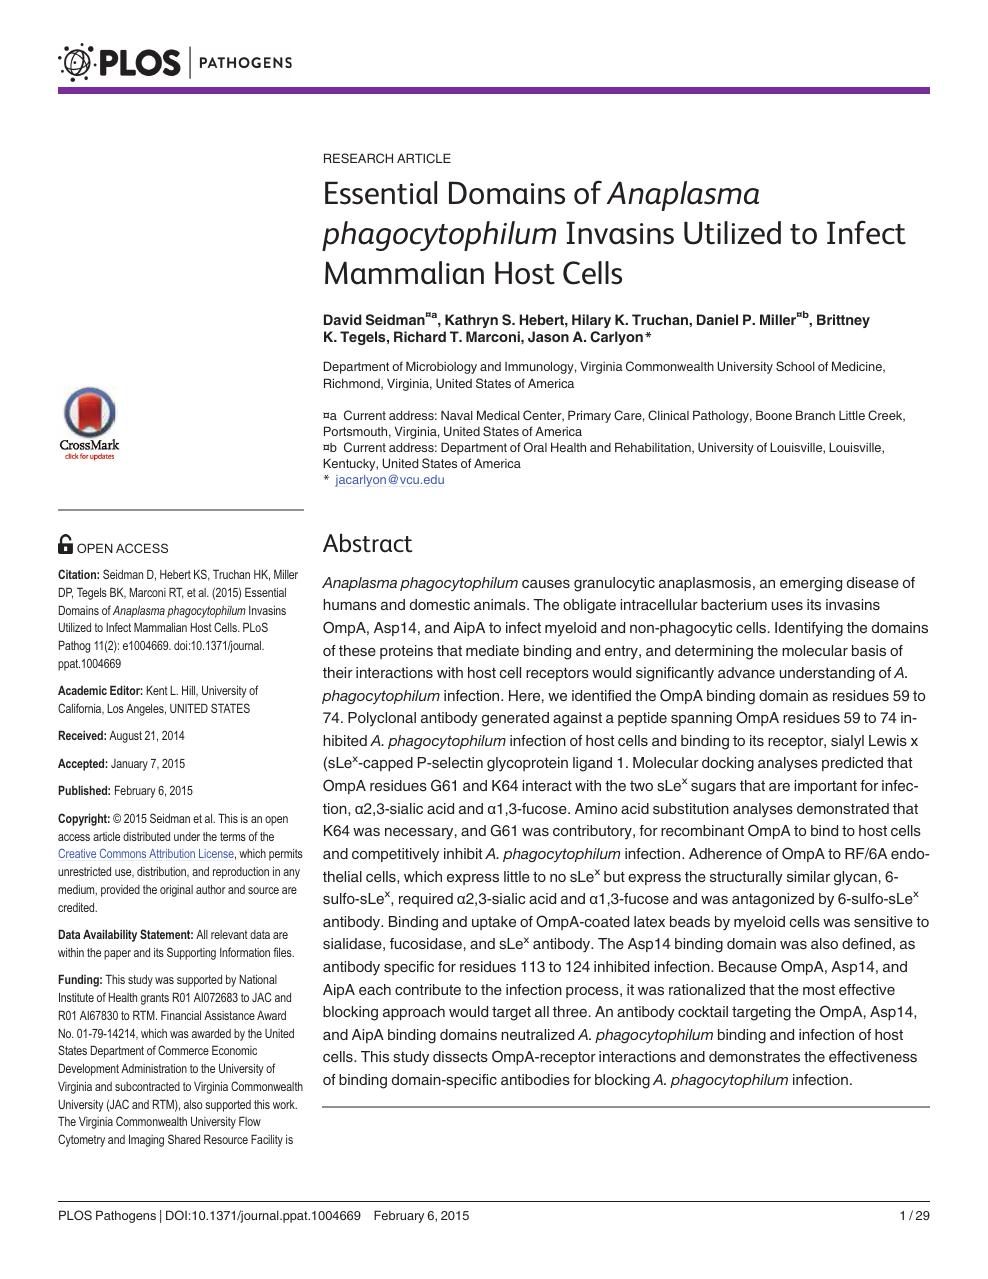 Essential Domains of Anaplasma phagocytophilum Invasins